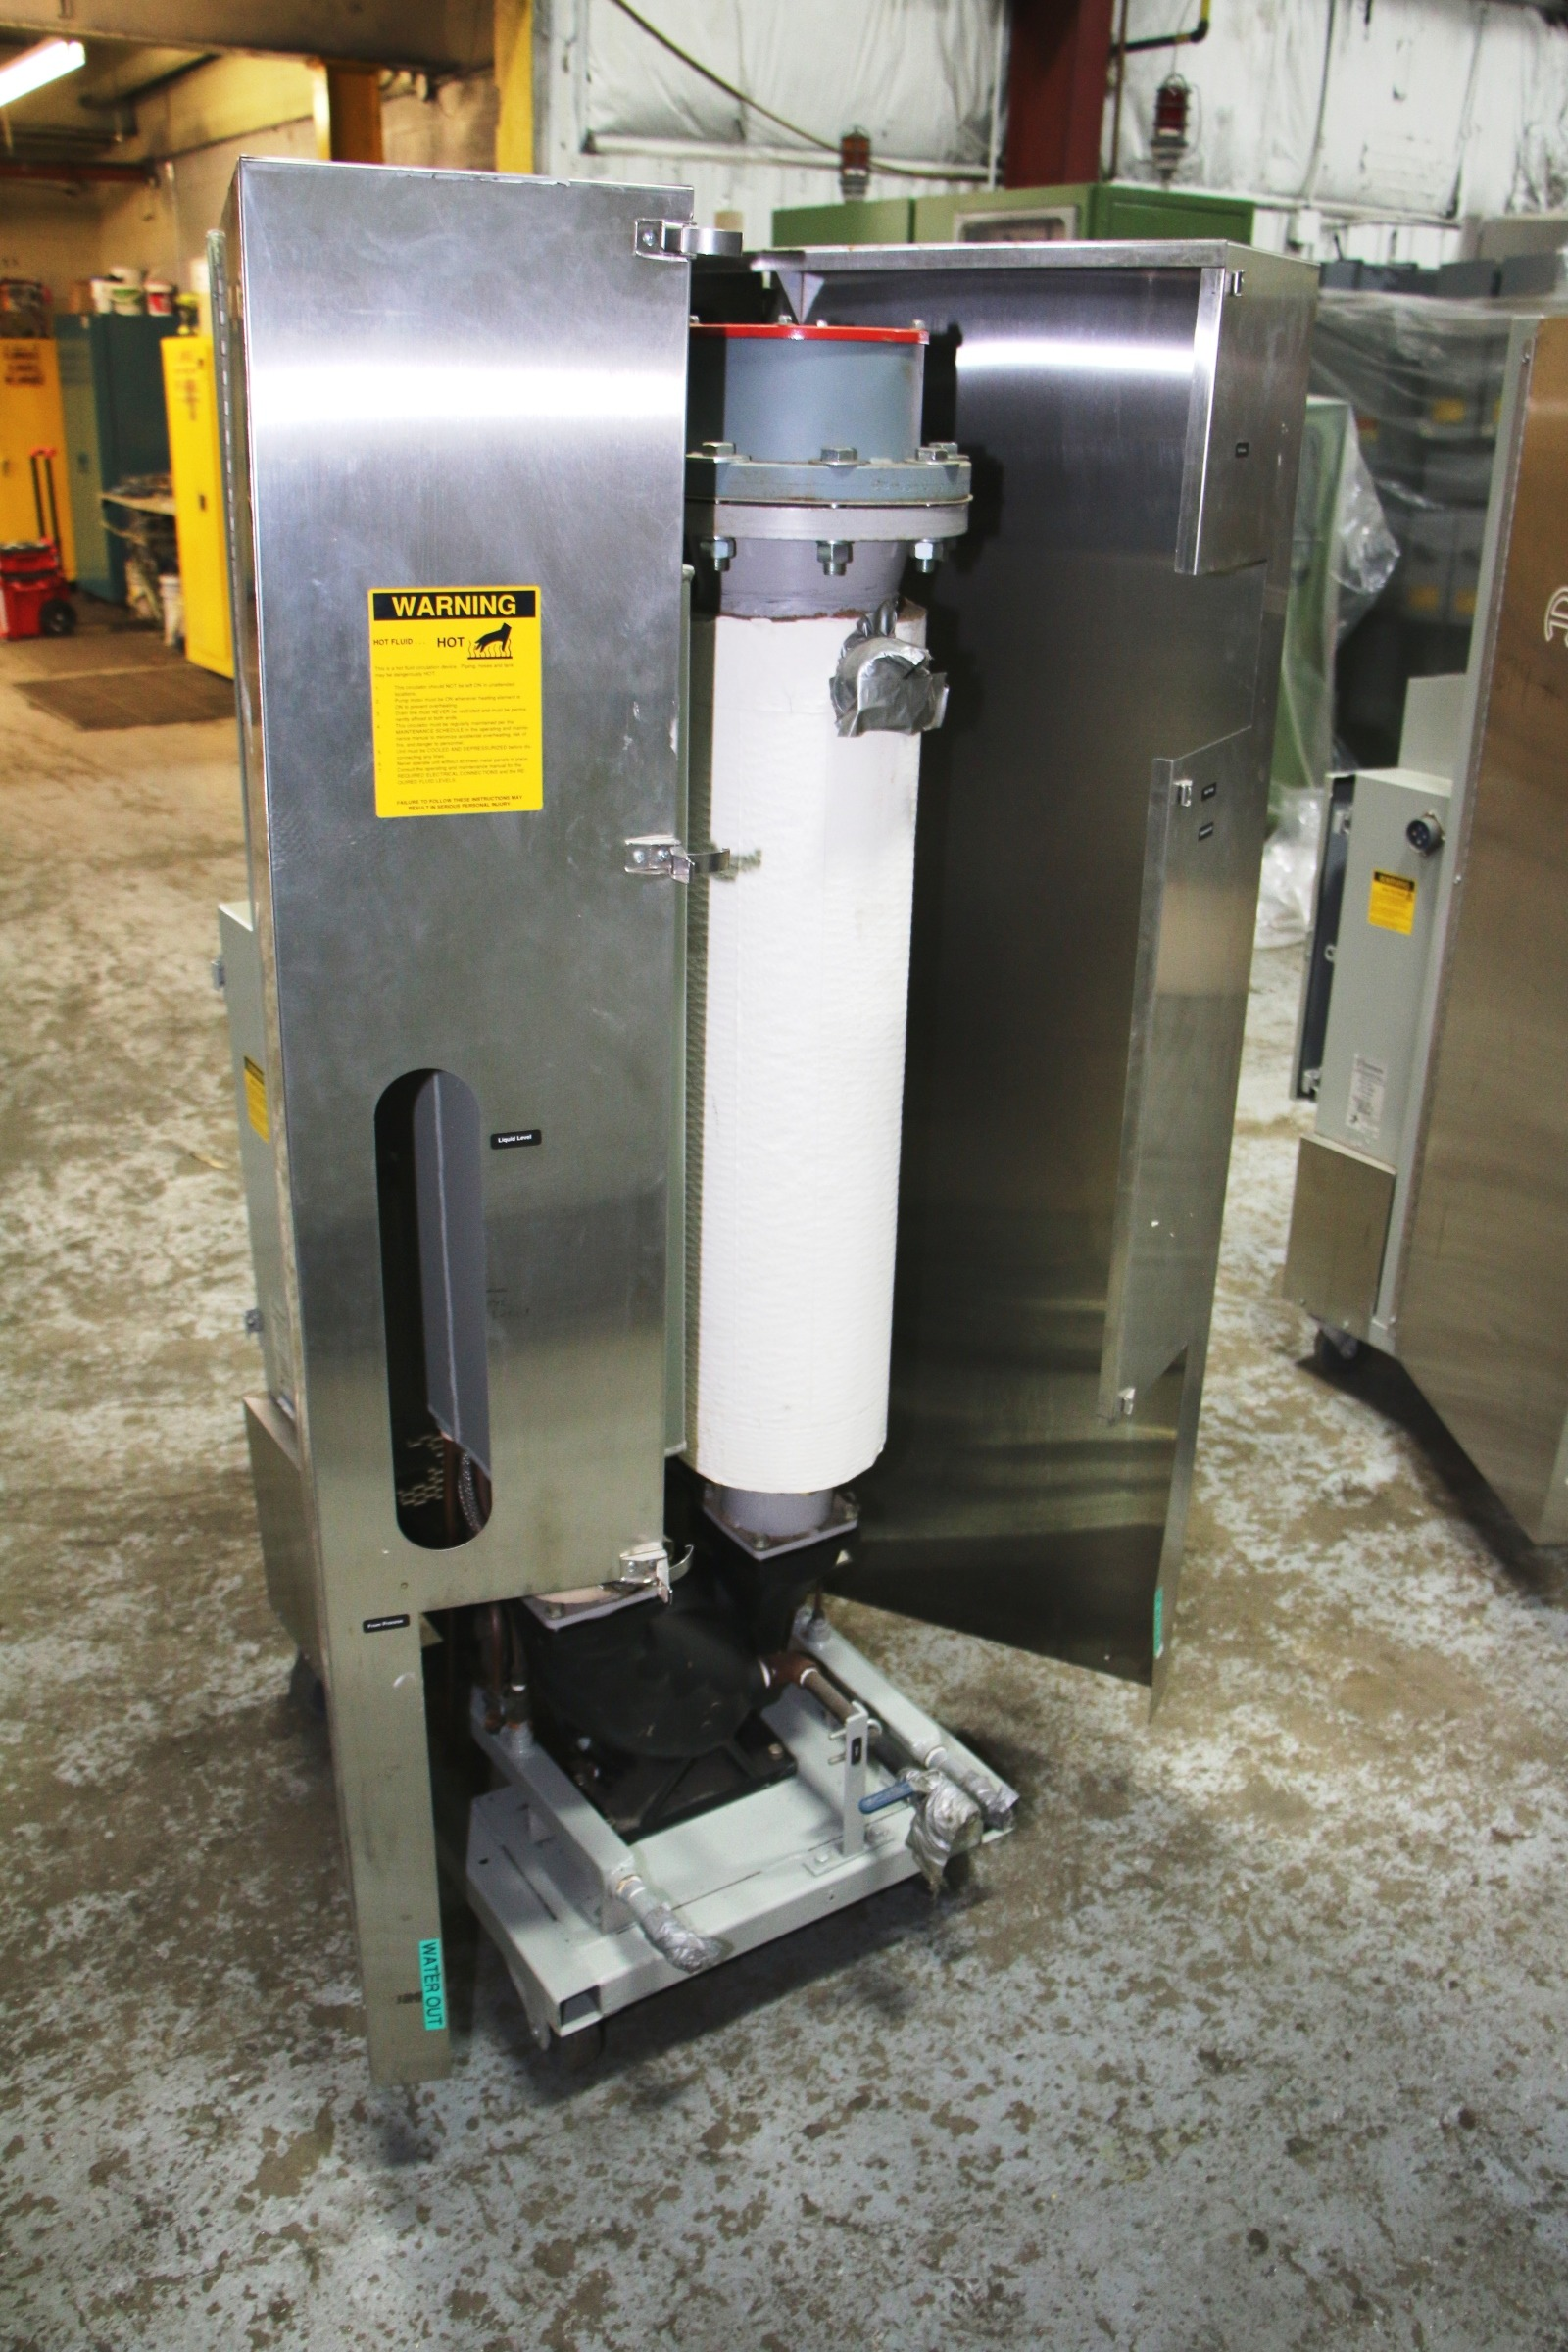 Used Advantage Hot Oil Temperature Control Unit #4441